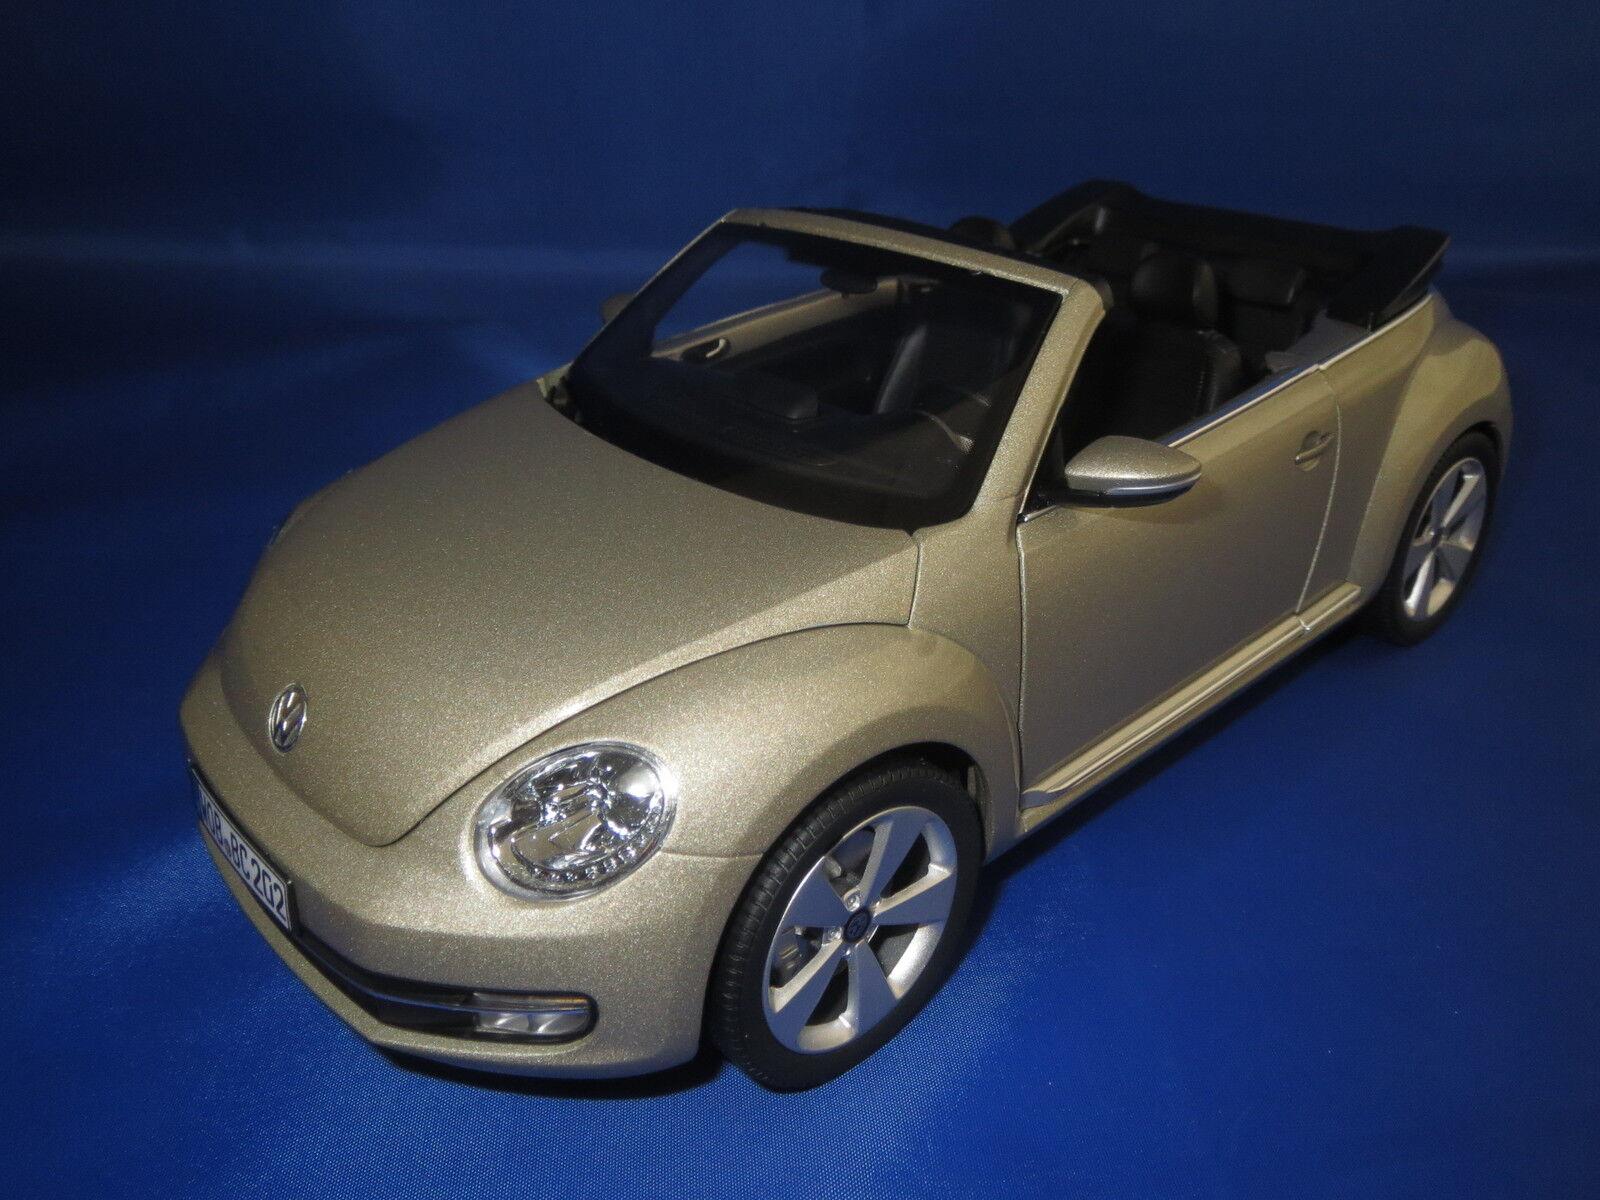 Célébrez Noël et bienvenue au au au Nouvel An Kyosho volkswagen beetle cabriolet (beige métallisé) 1:18 OVP   Dans Plusieurs Styles    Matériaux Soigneusement Sélectionnés    Qualité Supérieure  a765ef